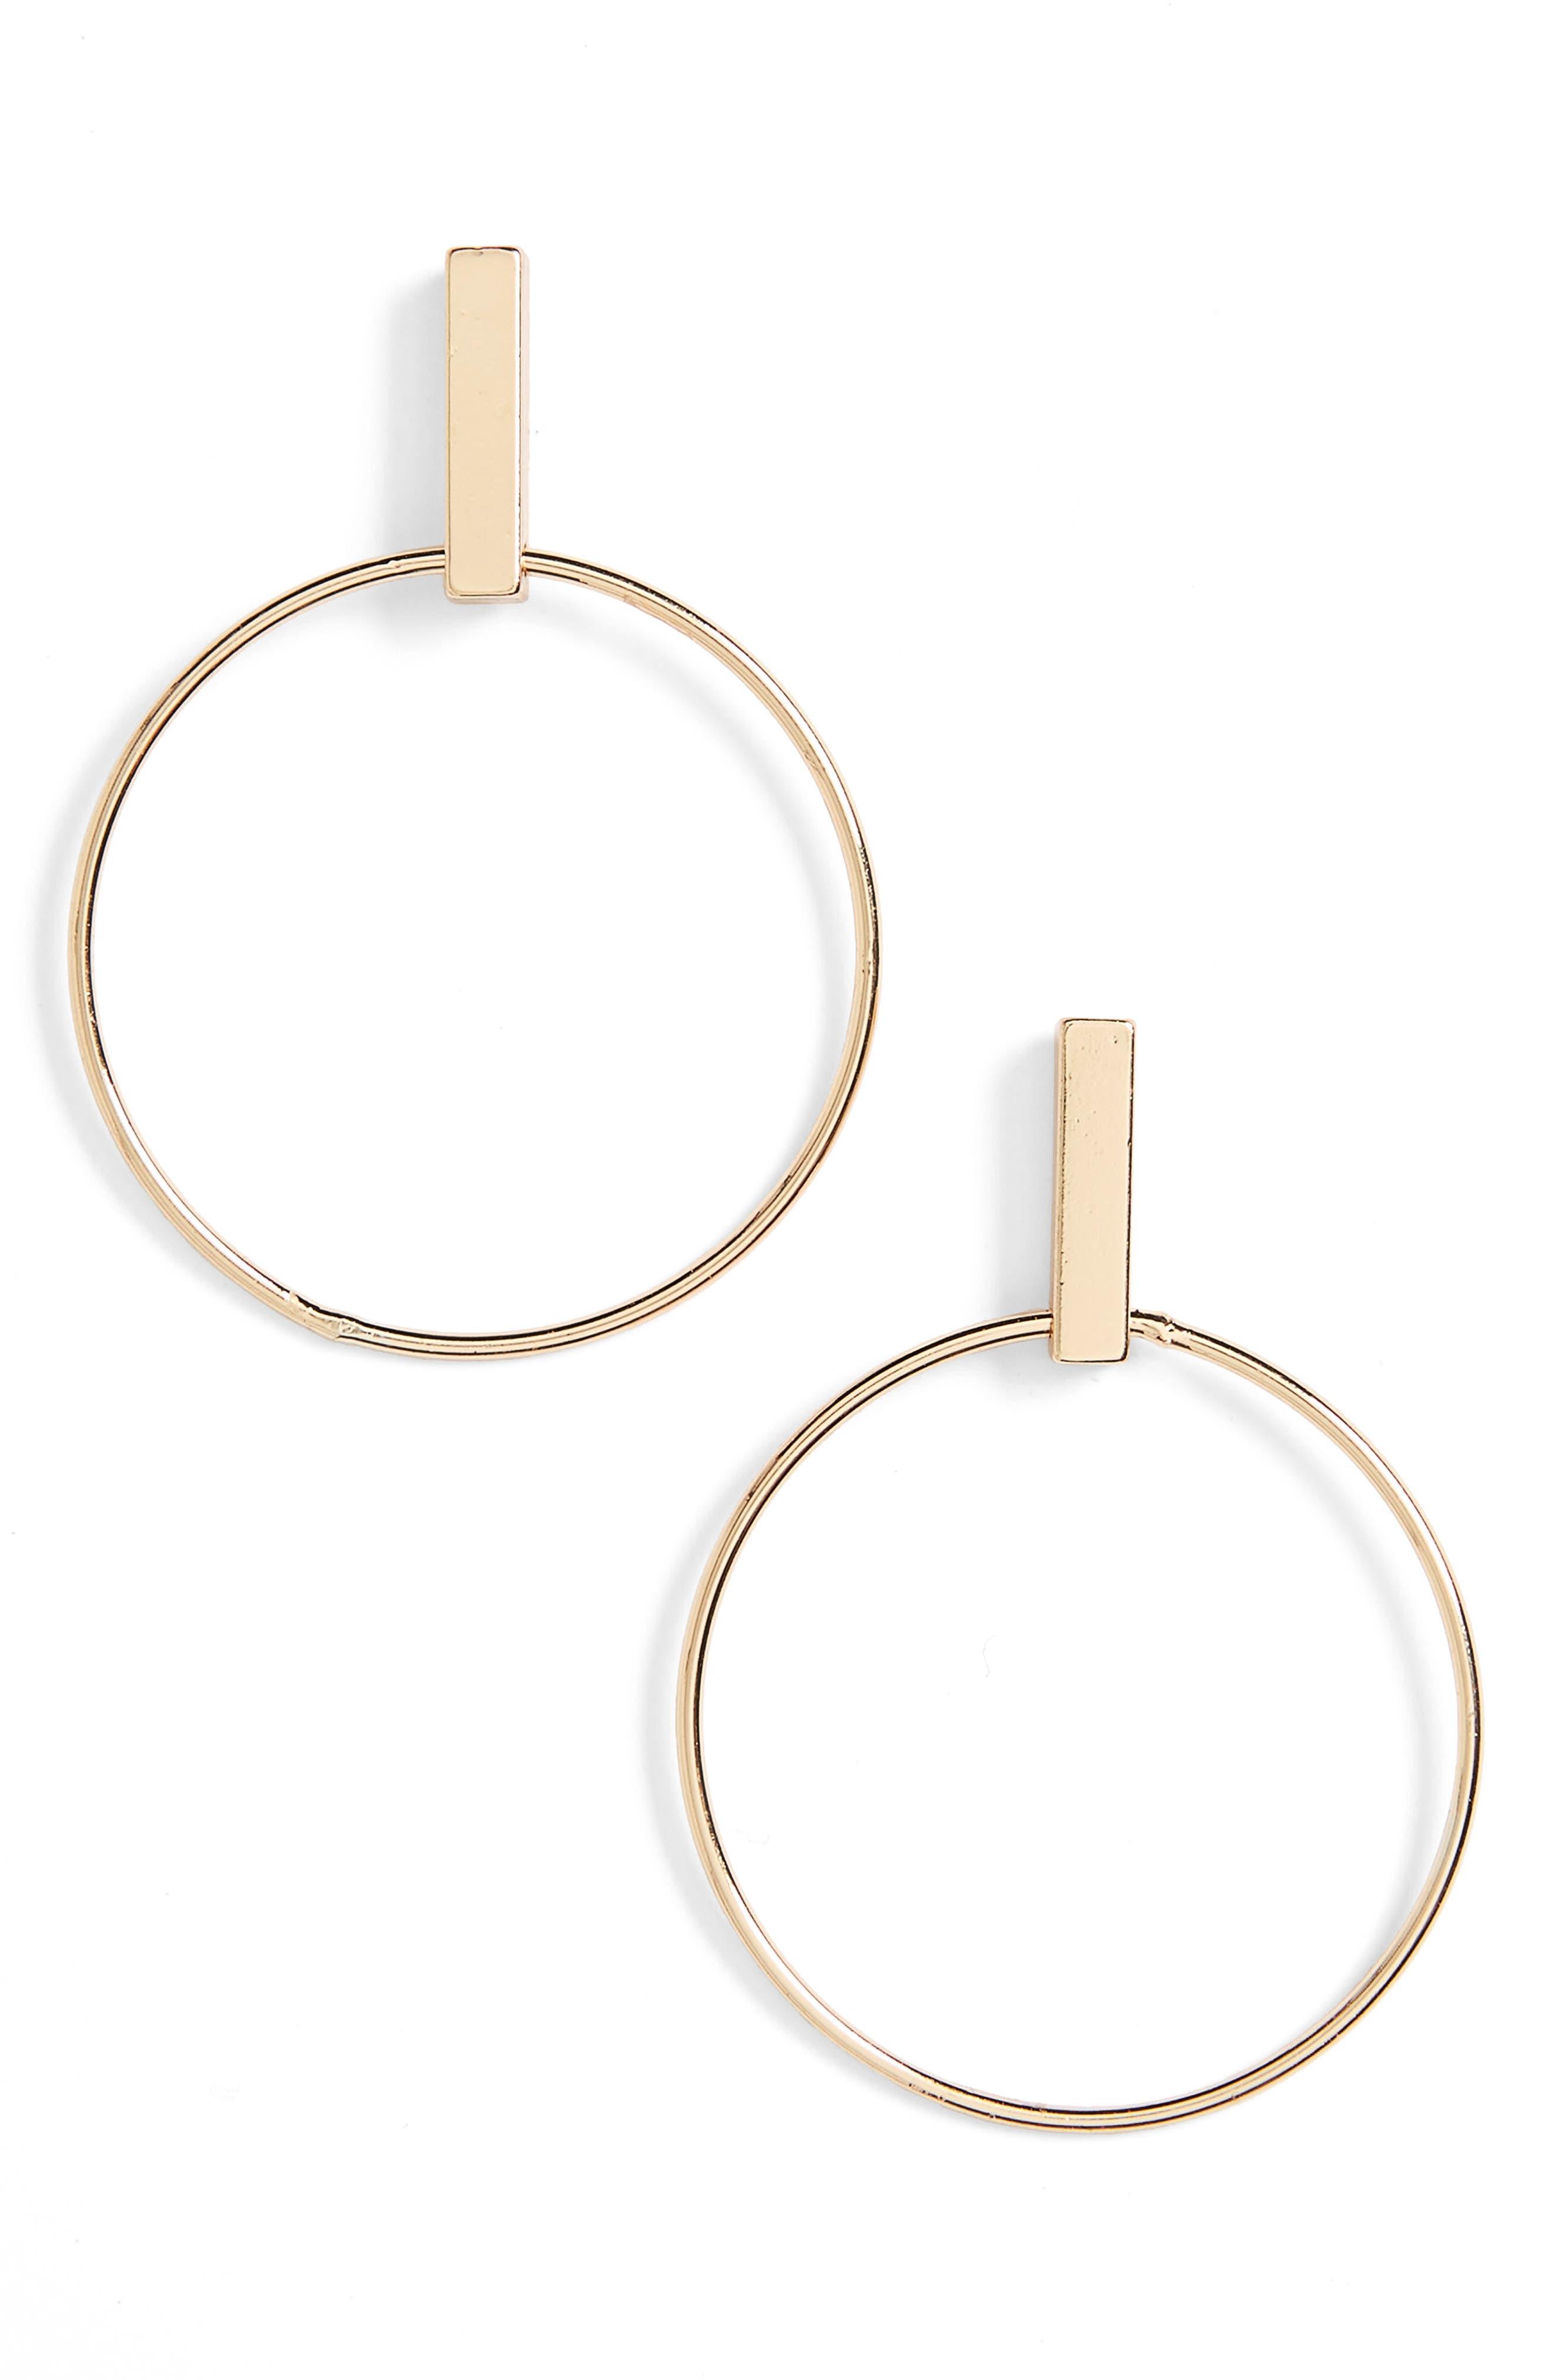 Alternate Image 1 Selected - BP. Bar Hoop Earrings